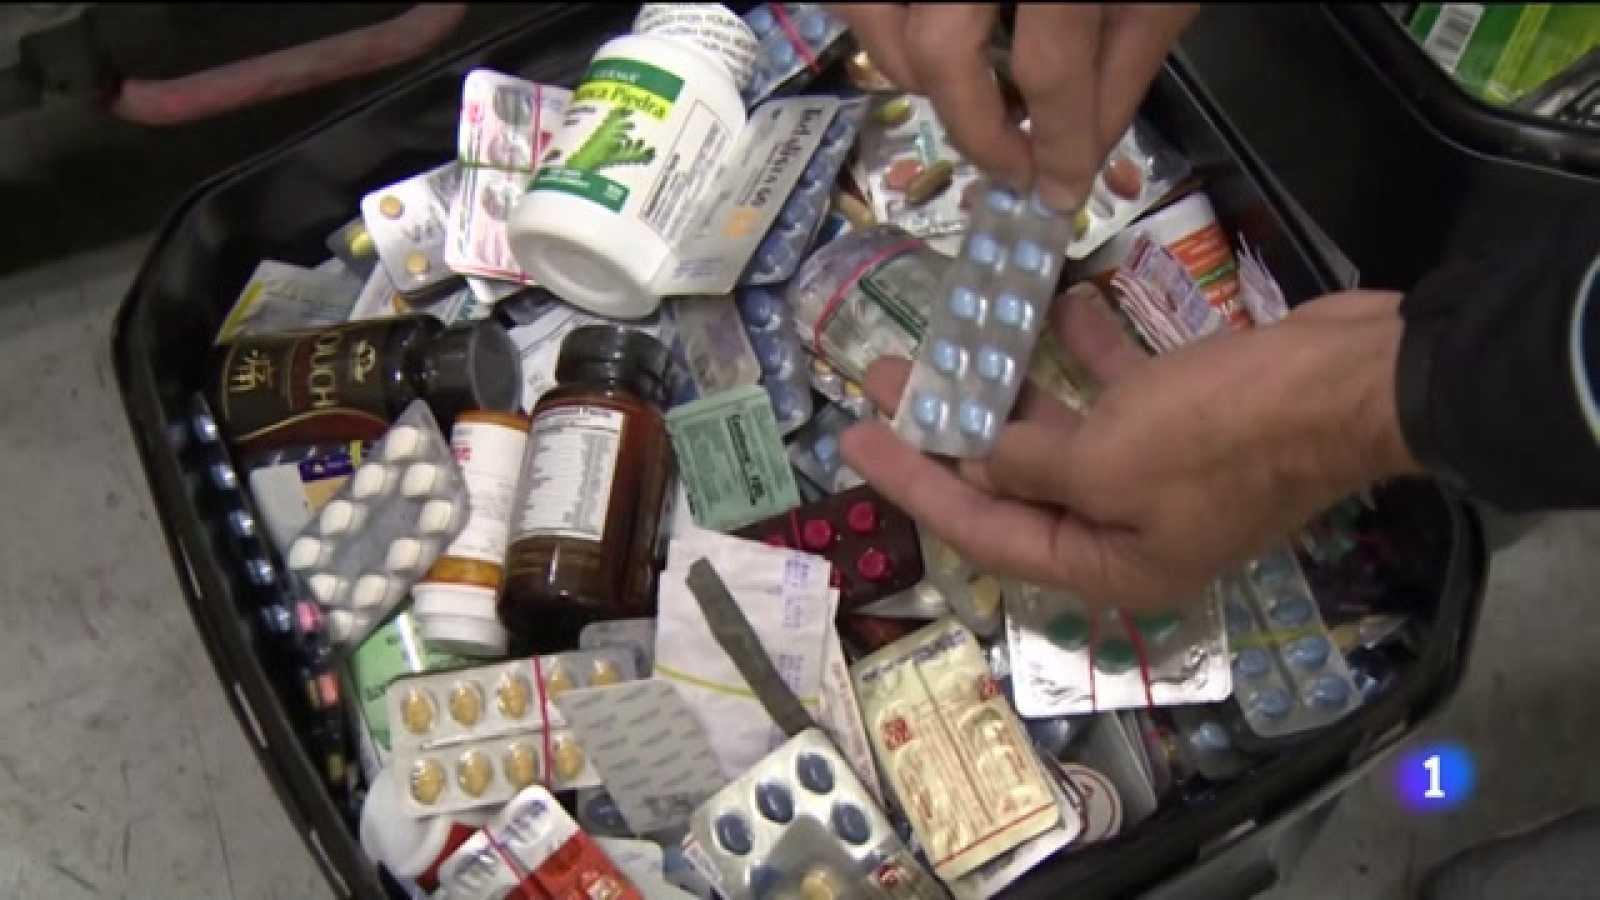 falsificaciones, medicamentos ilegales o drogas los más frecuentes